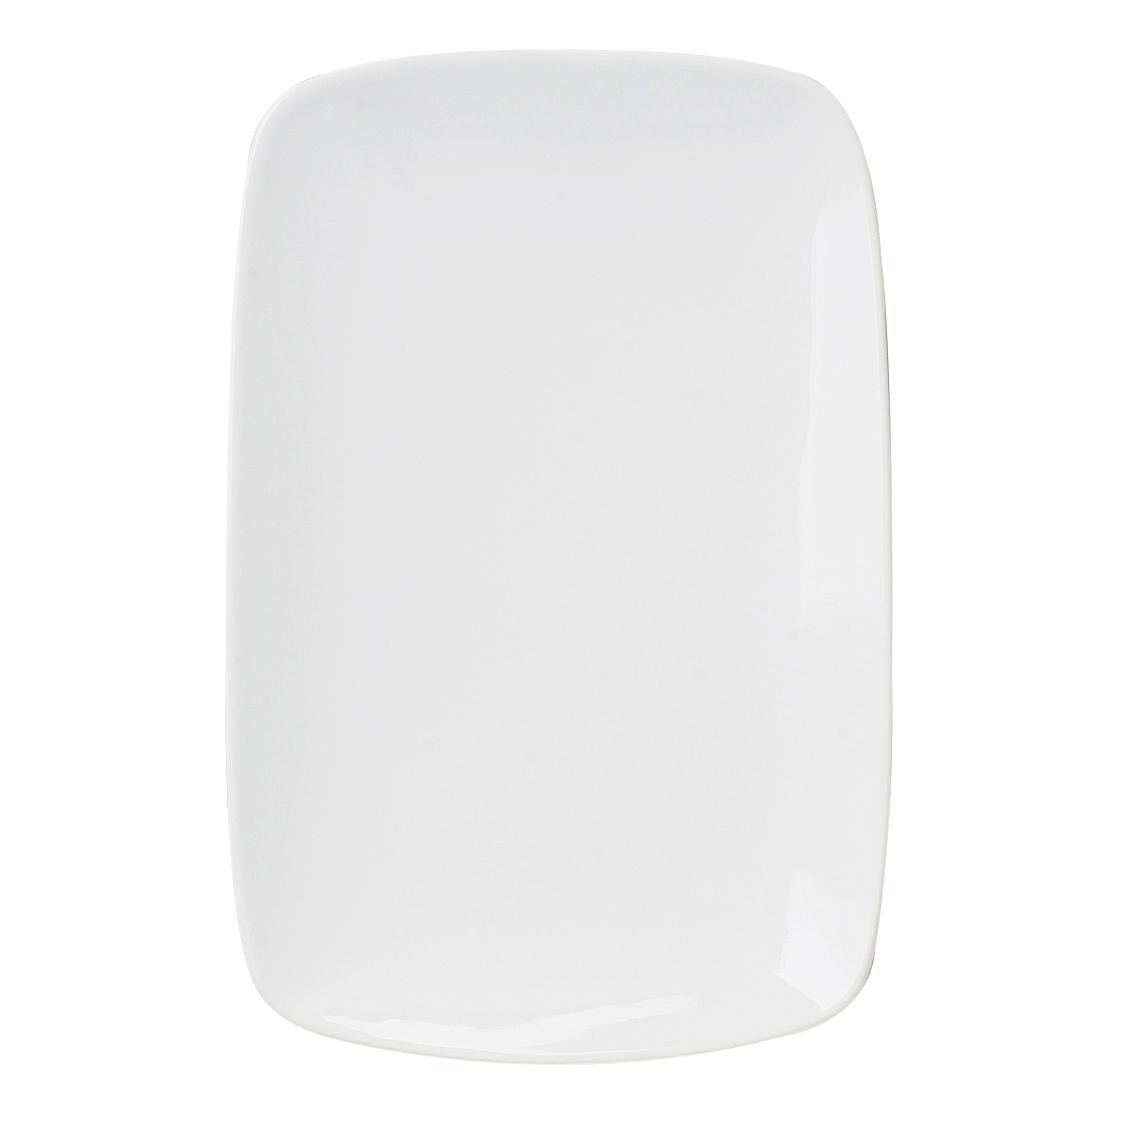 Harold Import Co. White Porcelain 6.25 x 9.75 Inch Rectangular Platter